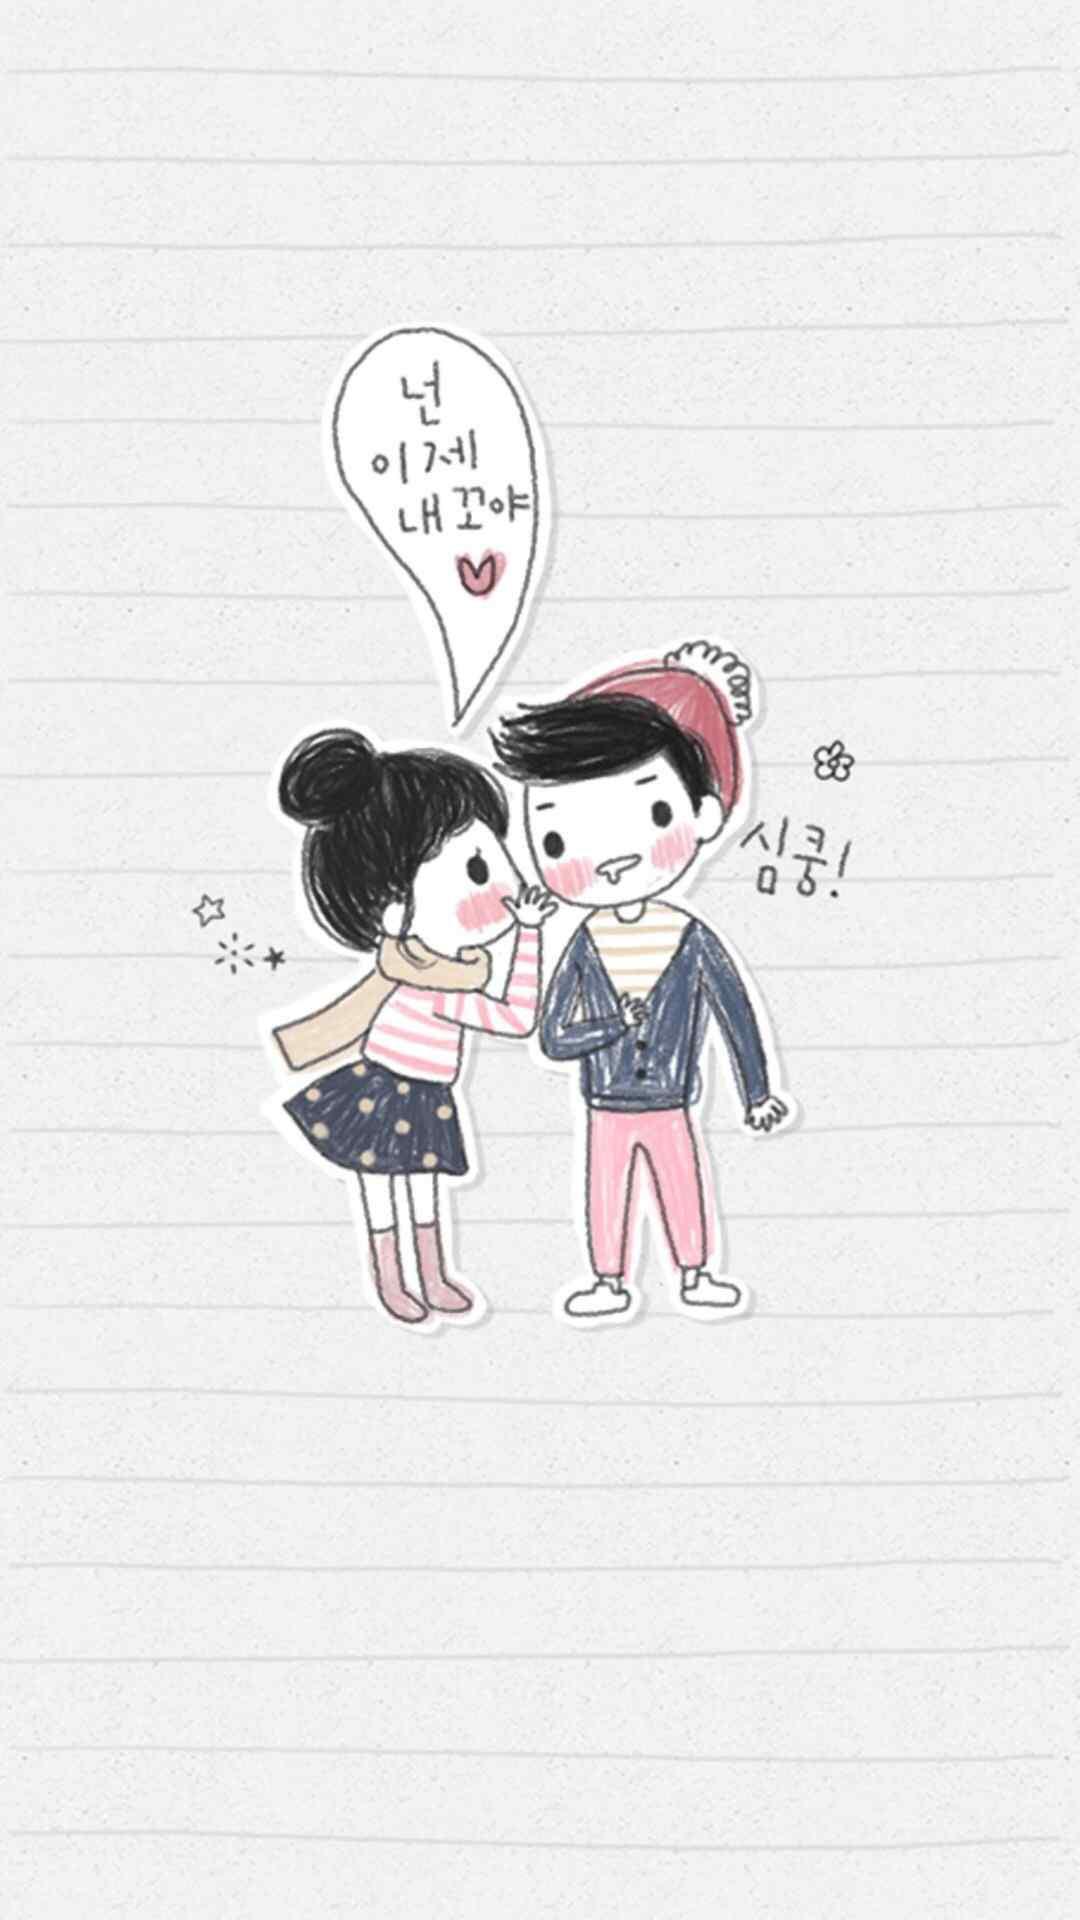 可爱情侣卡通手机壁纸锁屏